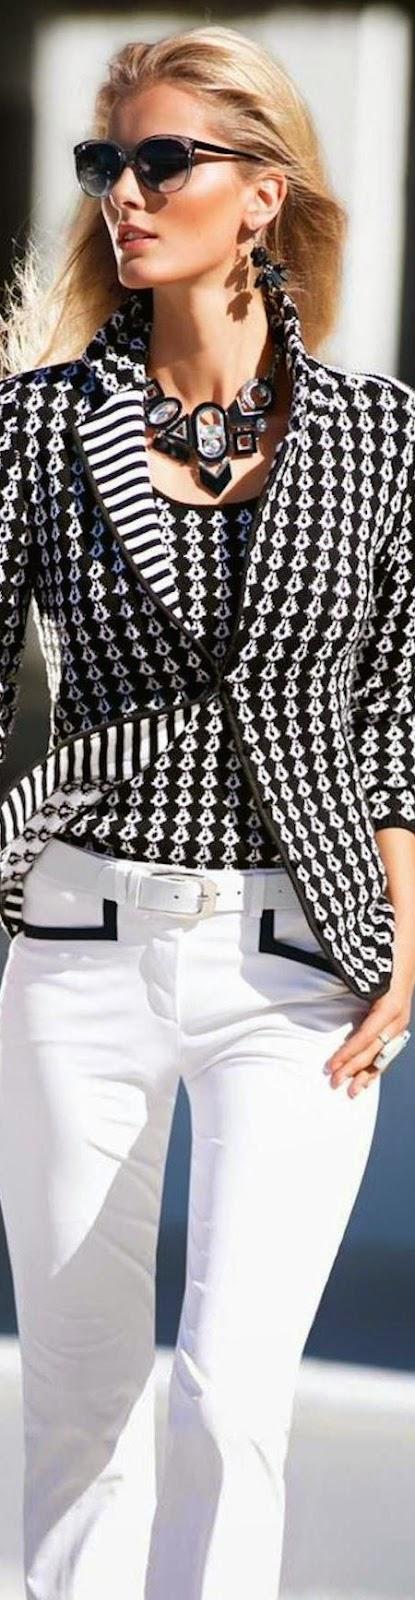 MADELEINE KNIT BLAZER in Black and White